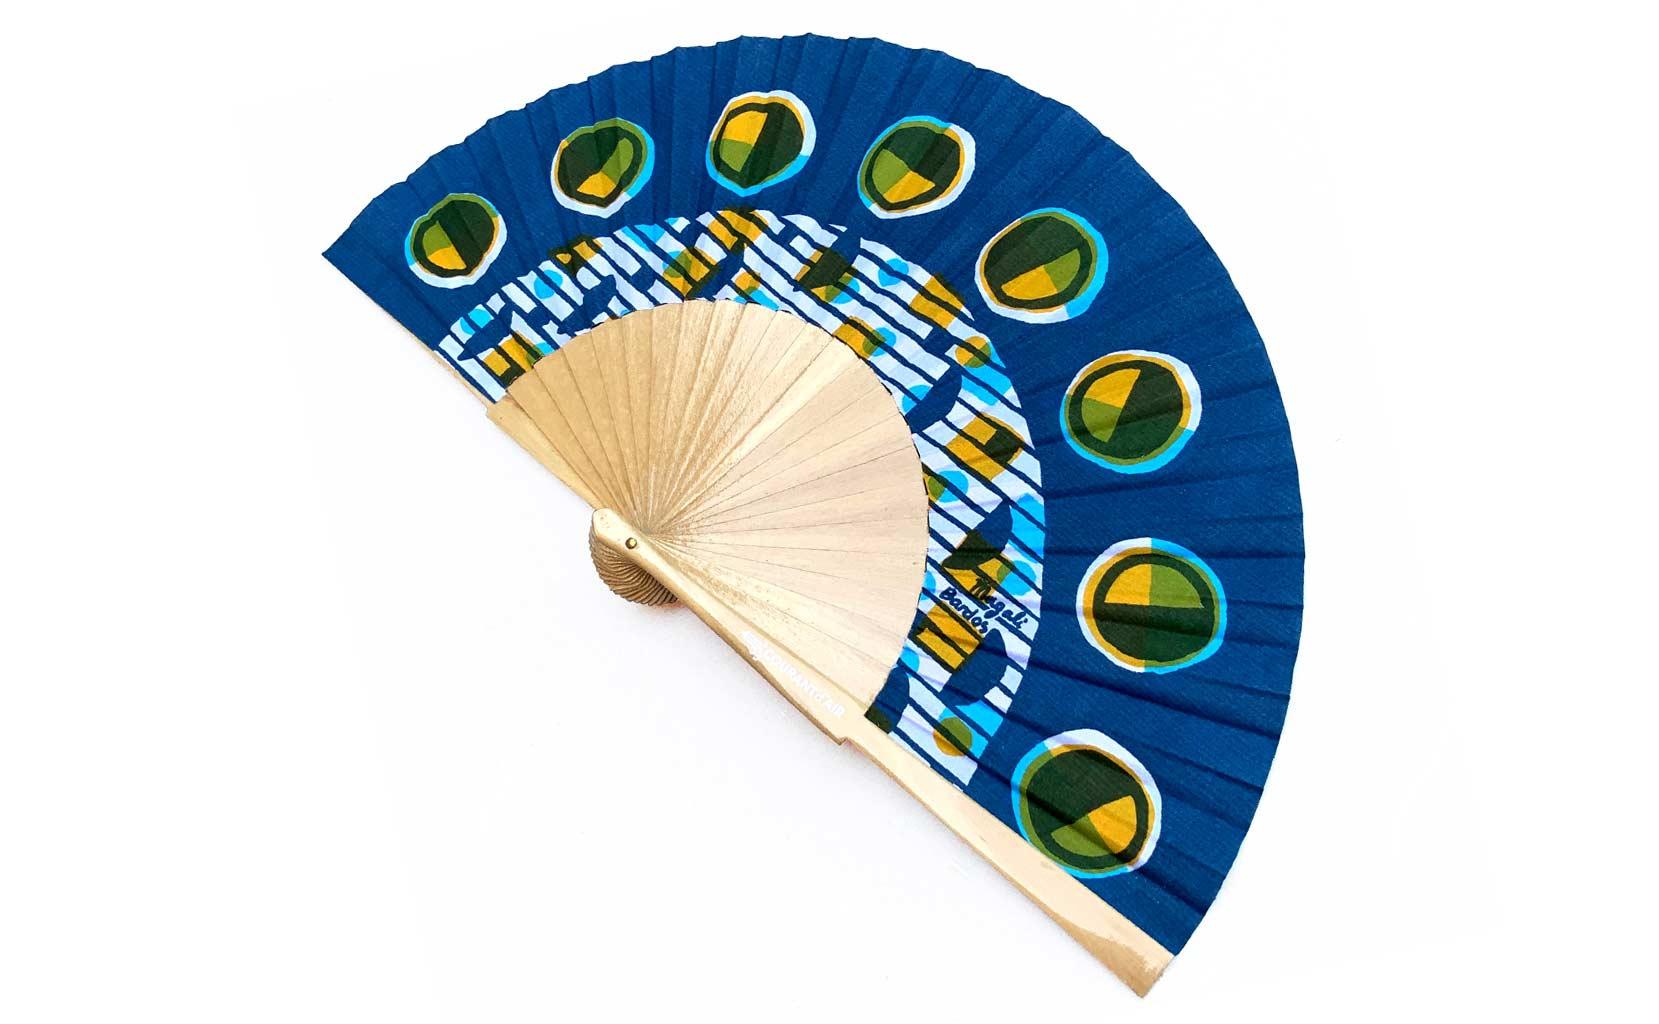 Eclipse © courant d'air © MagaliBardos éventail handfan motif pattern sérigraphie sur tissus silkscreen bleu jaune cycle de la lune